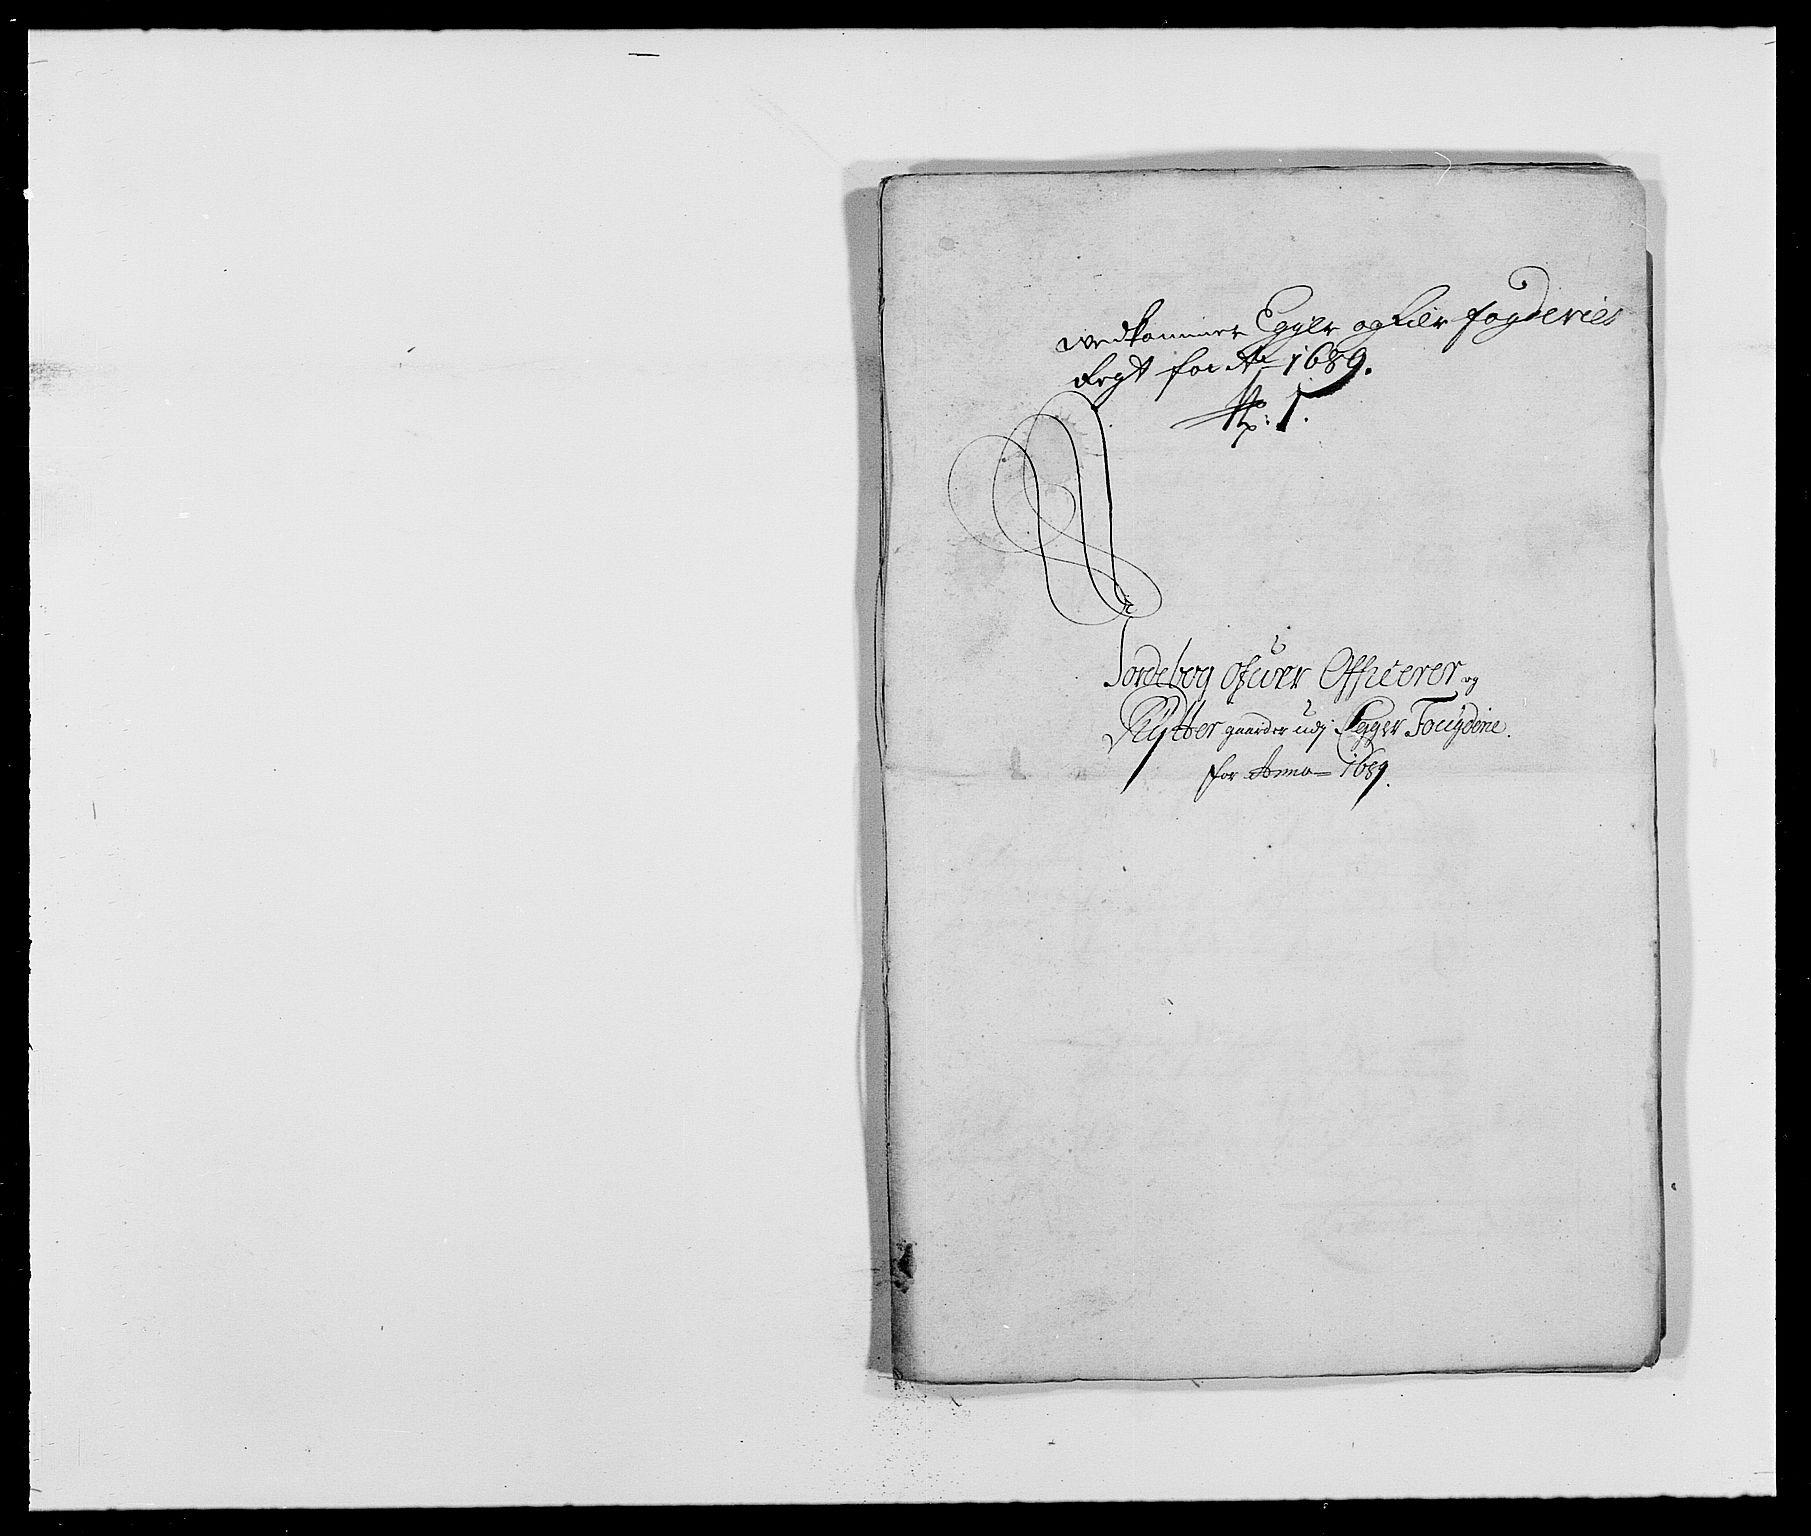 RA, Rentekammeret inntil 1814, Reviderte regnskaper, Fogderegnskap, R28/L1688: Fogderegnskap Eiker og Lier, 1687-1689, s. 500